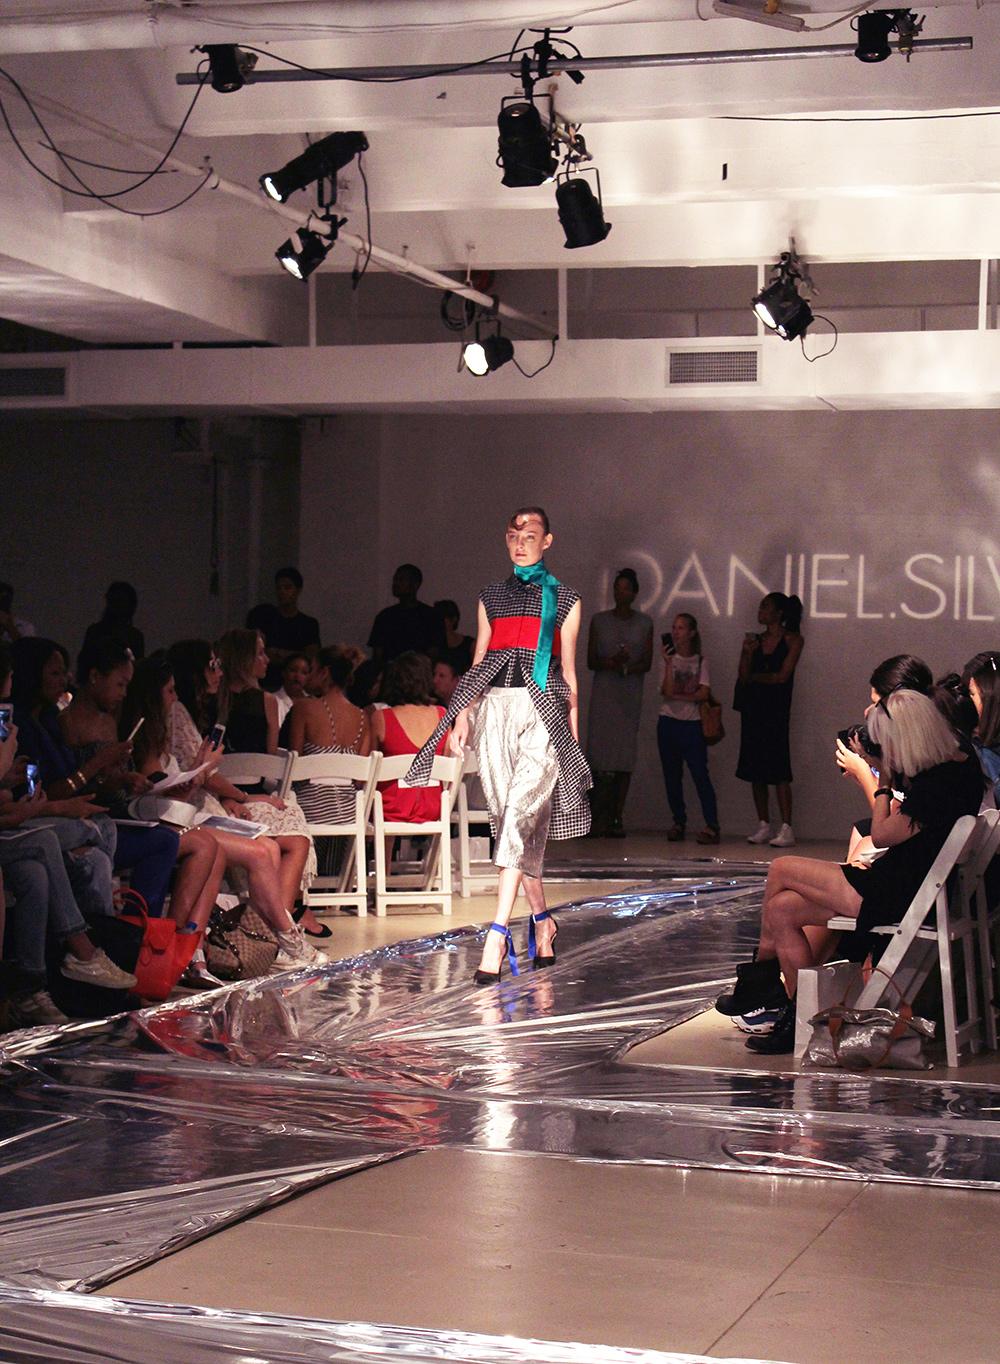 Daniel-Silverstain-10